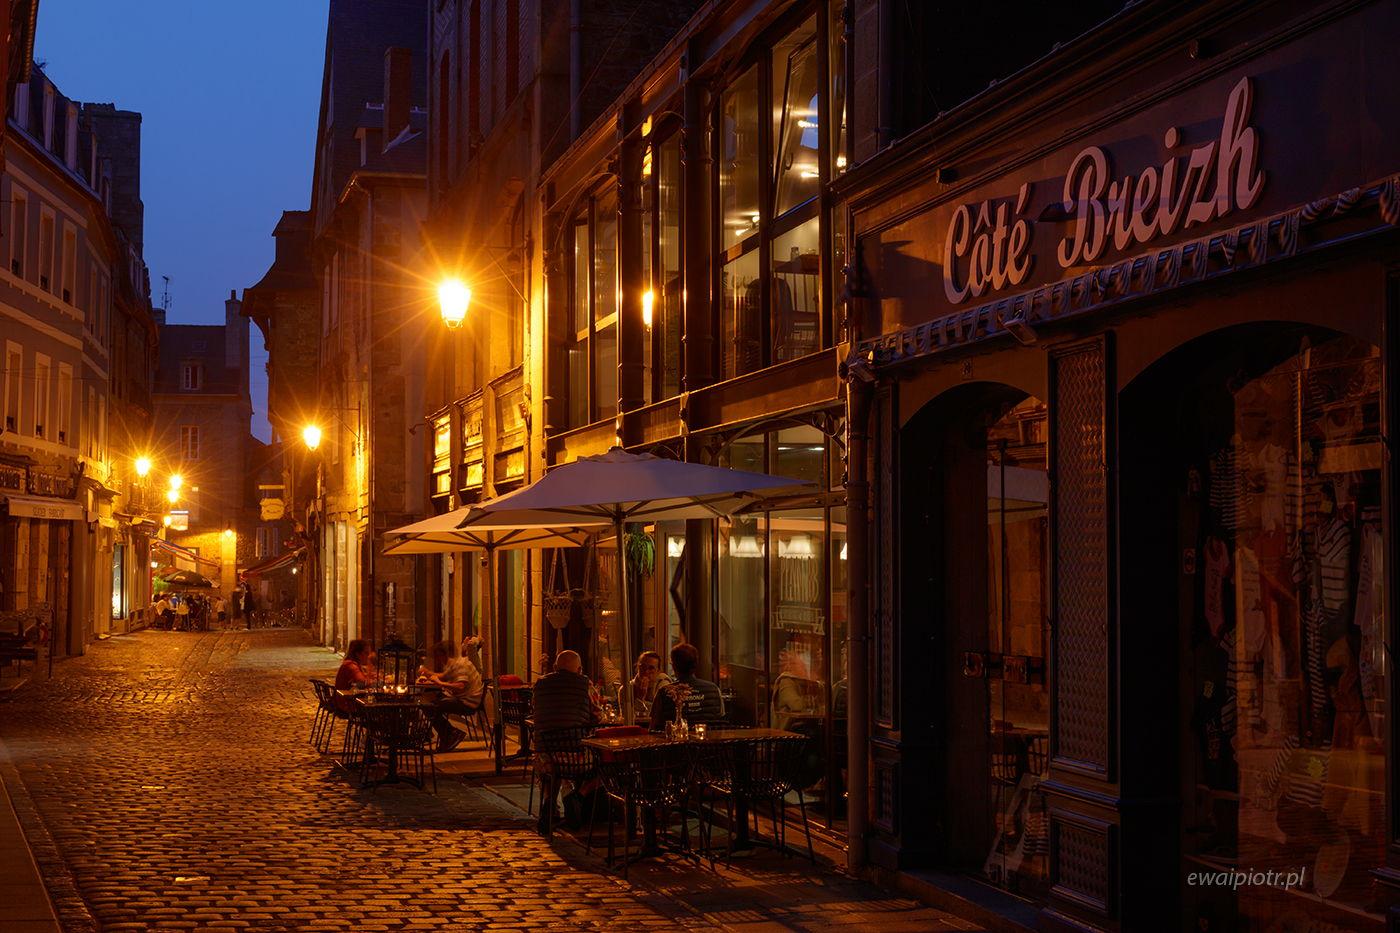 Wieczór w Dinan, Bretania, nocna fotografia miasta, warsztaty fotograficzne